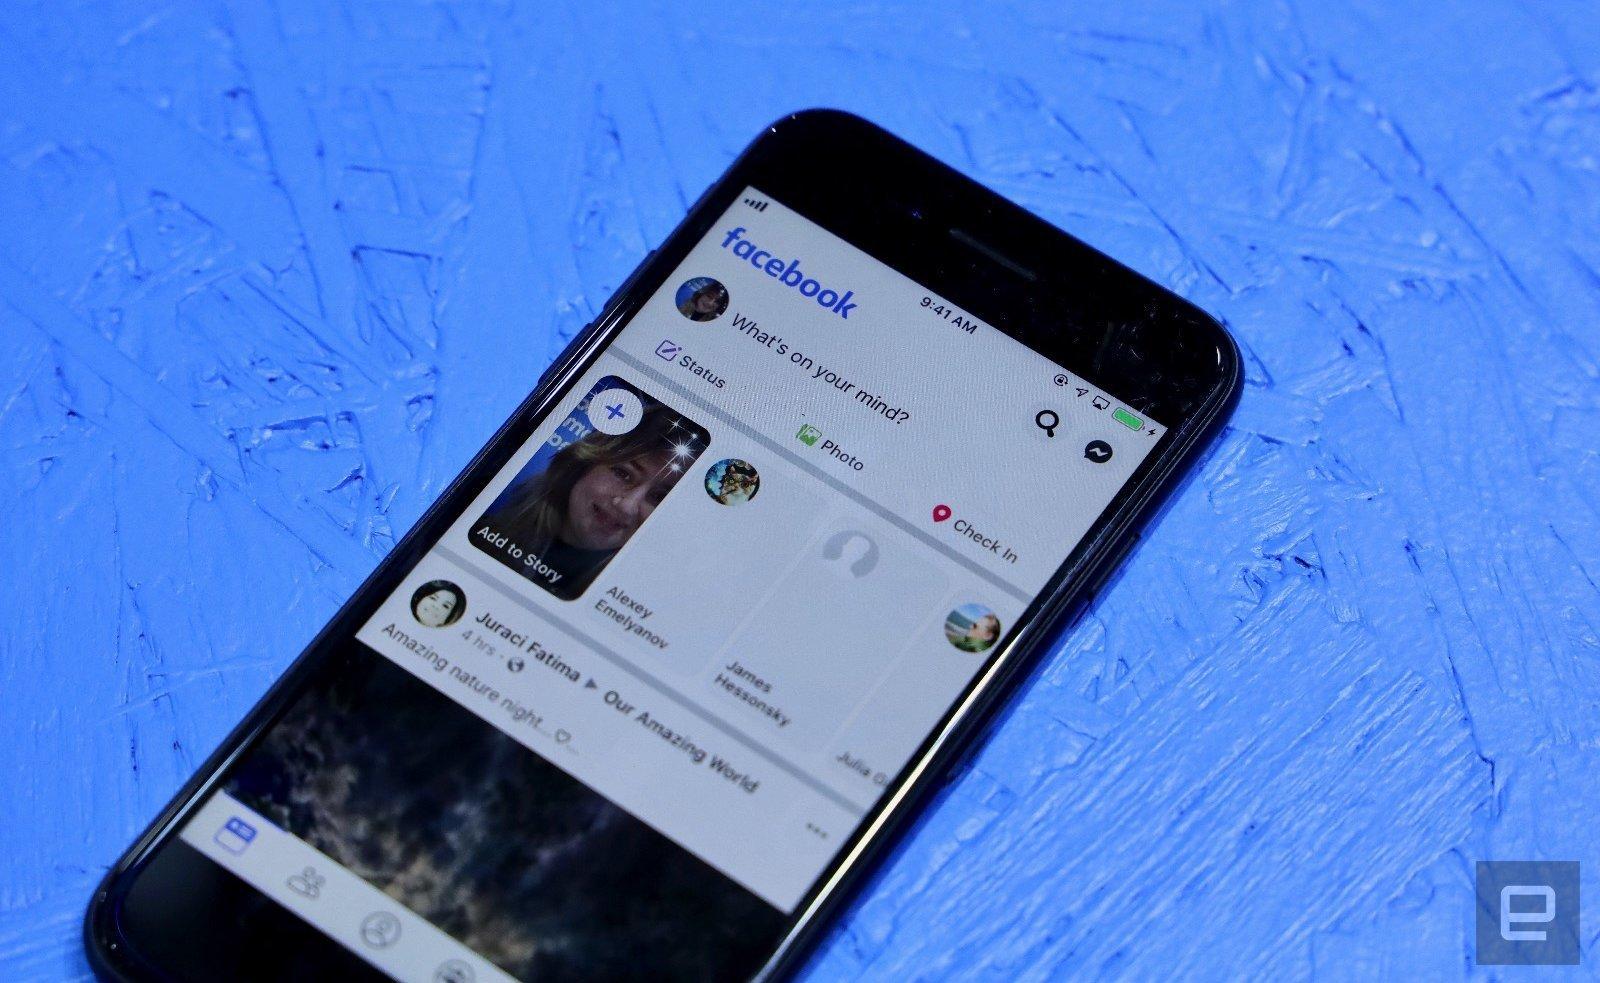 Facebook nabídne nové upozornění pro přihlášení